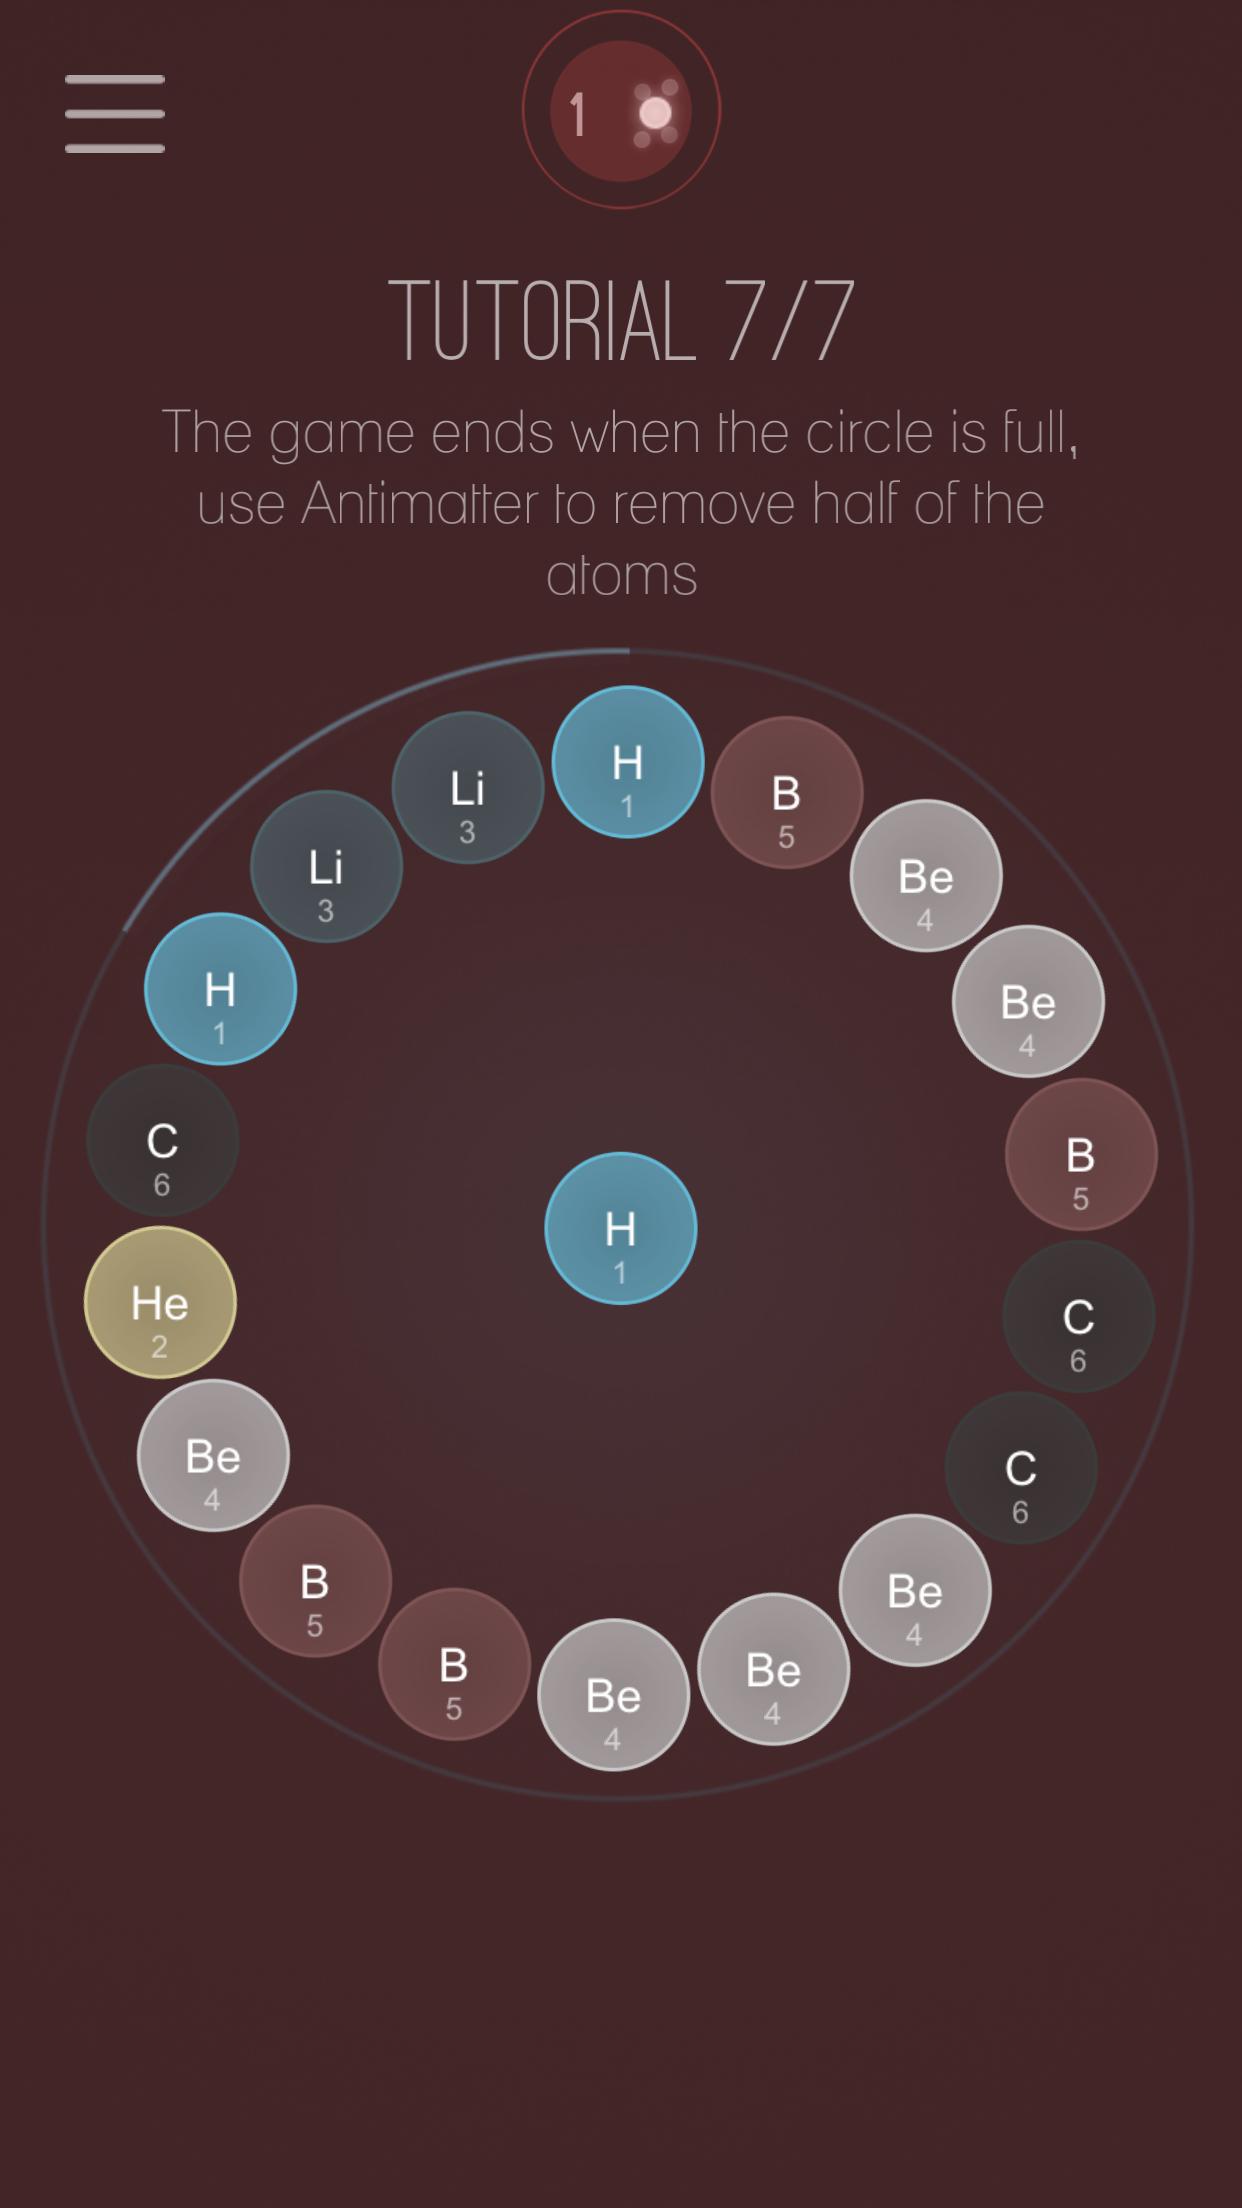 atomas-game-over